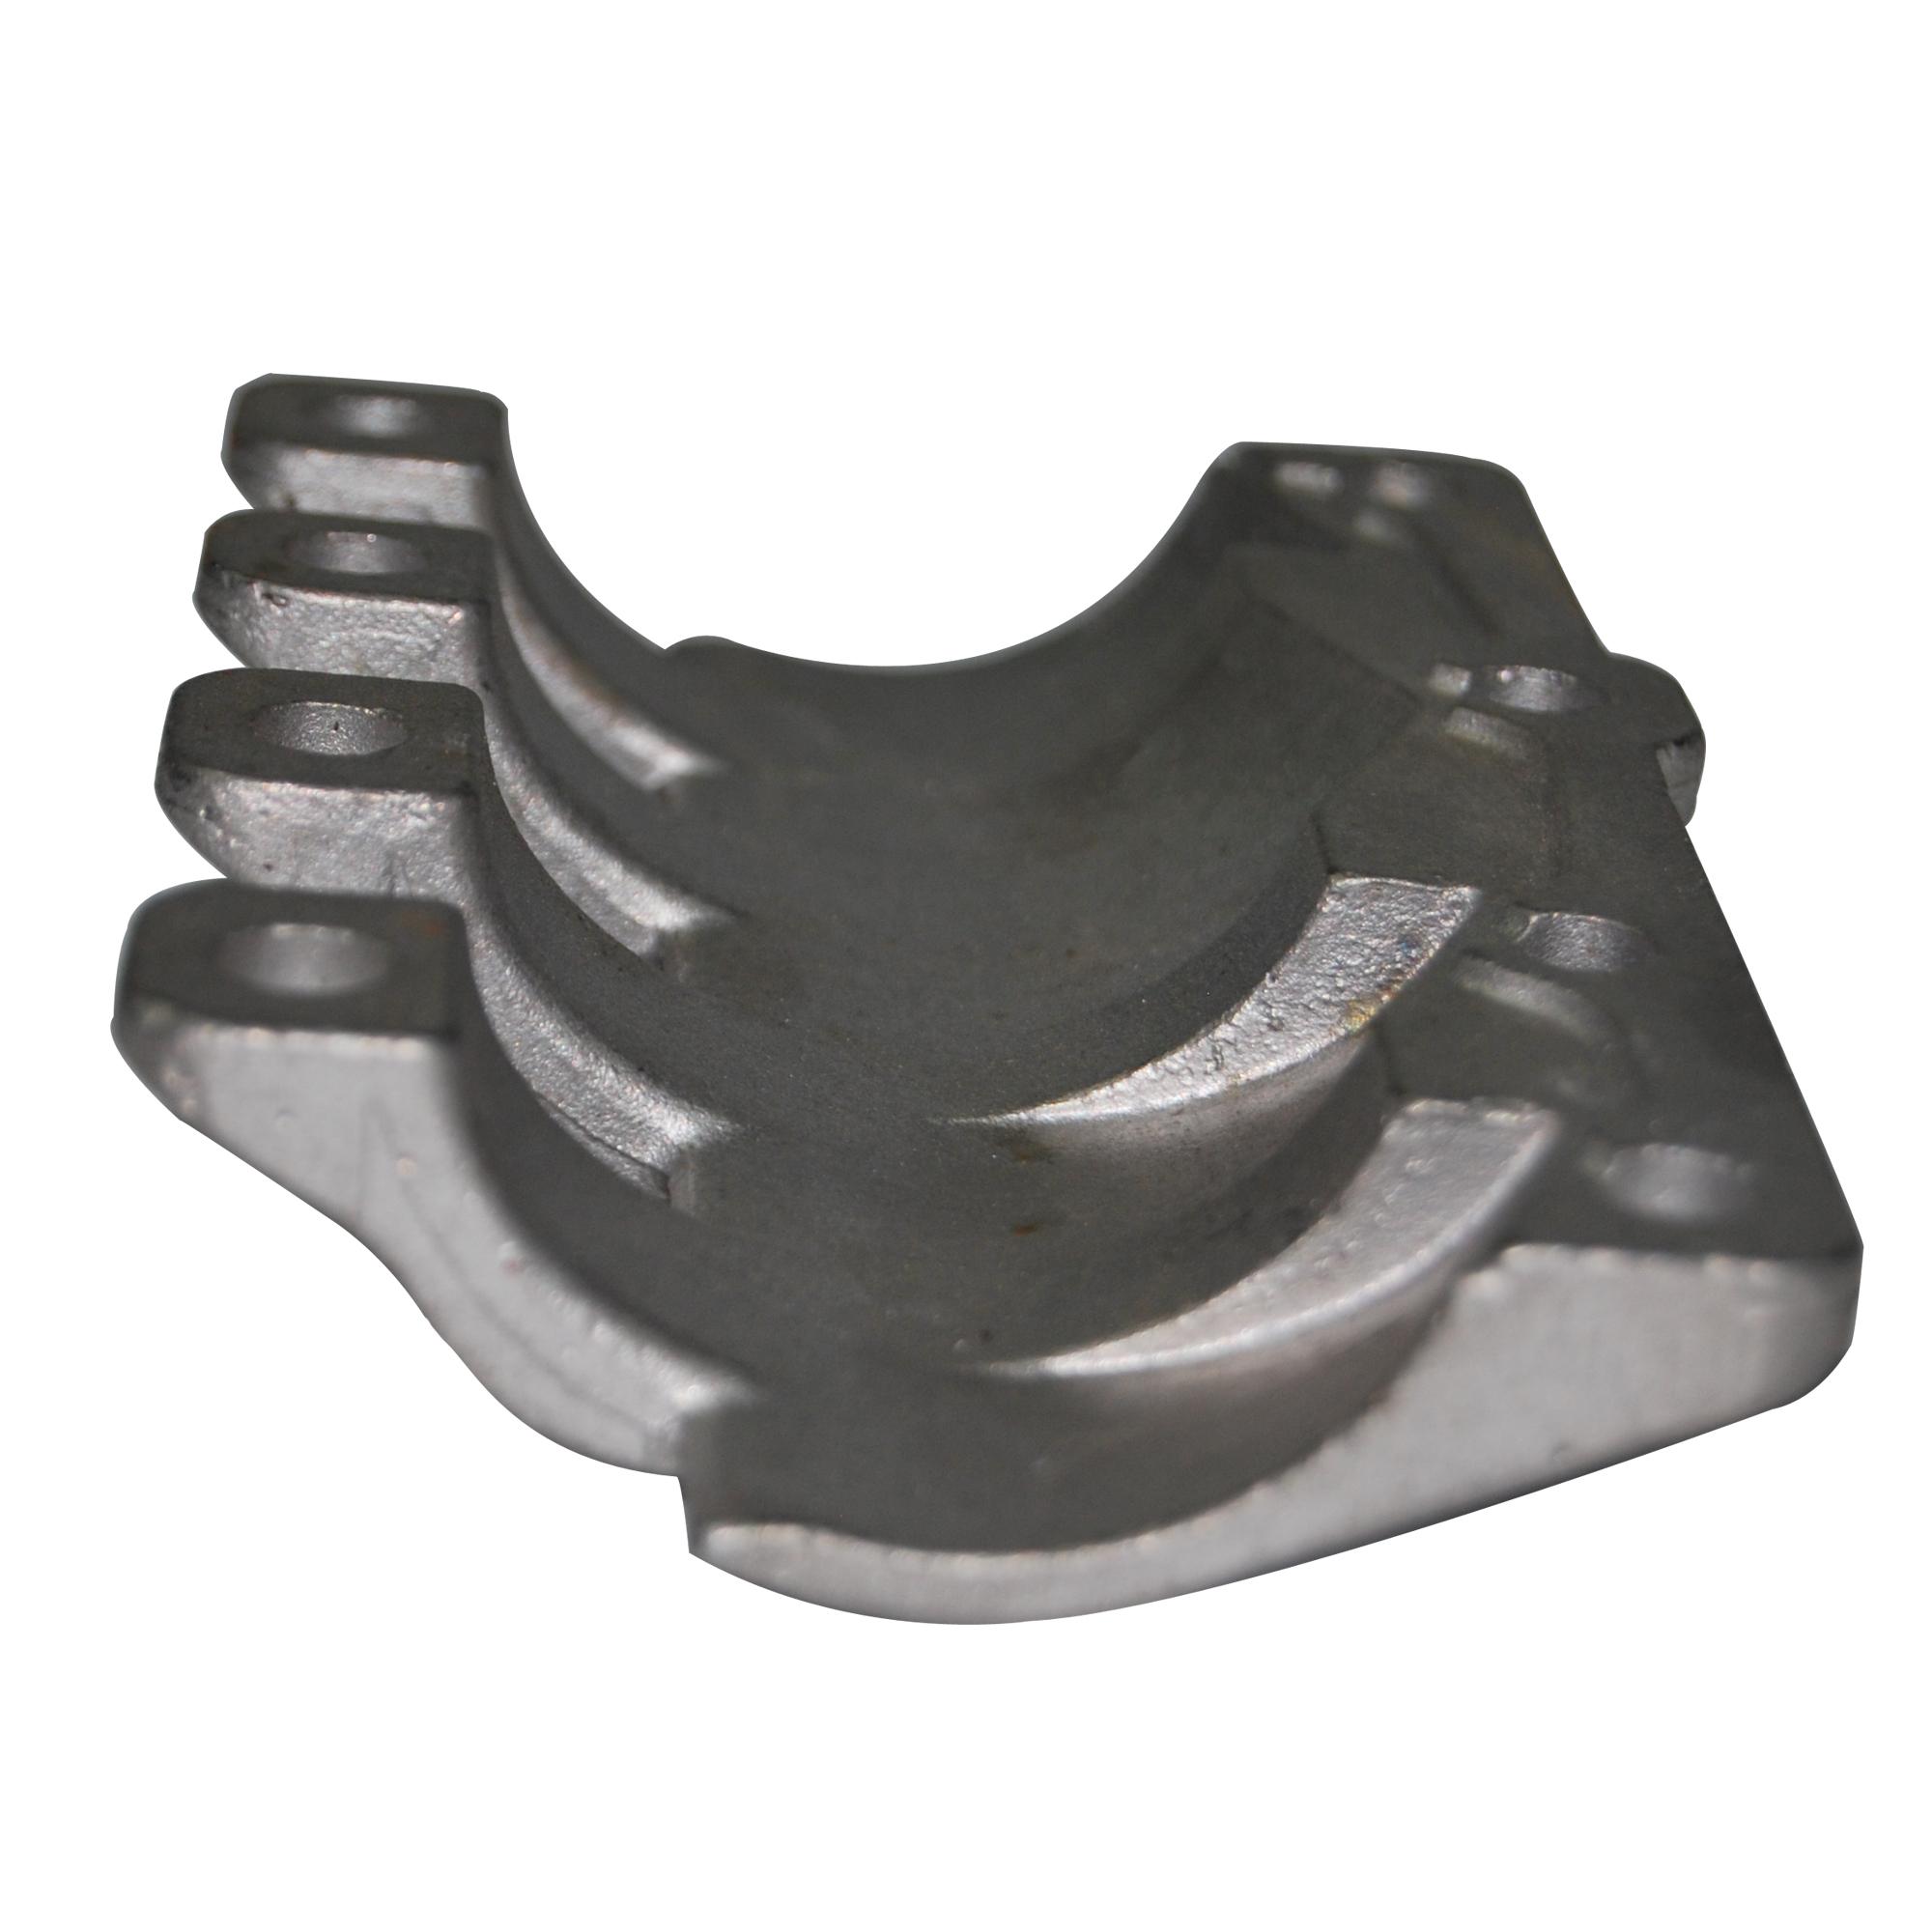 Большой Марганец 1,4848 высокая температура литья нержавеющей стали